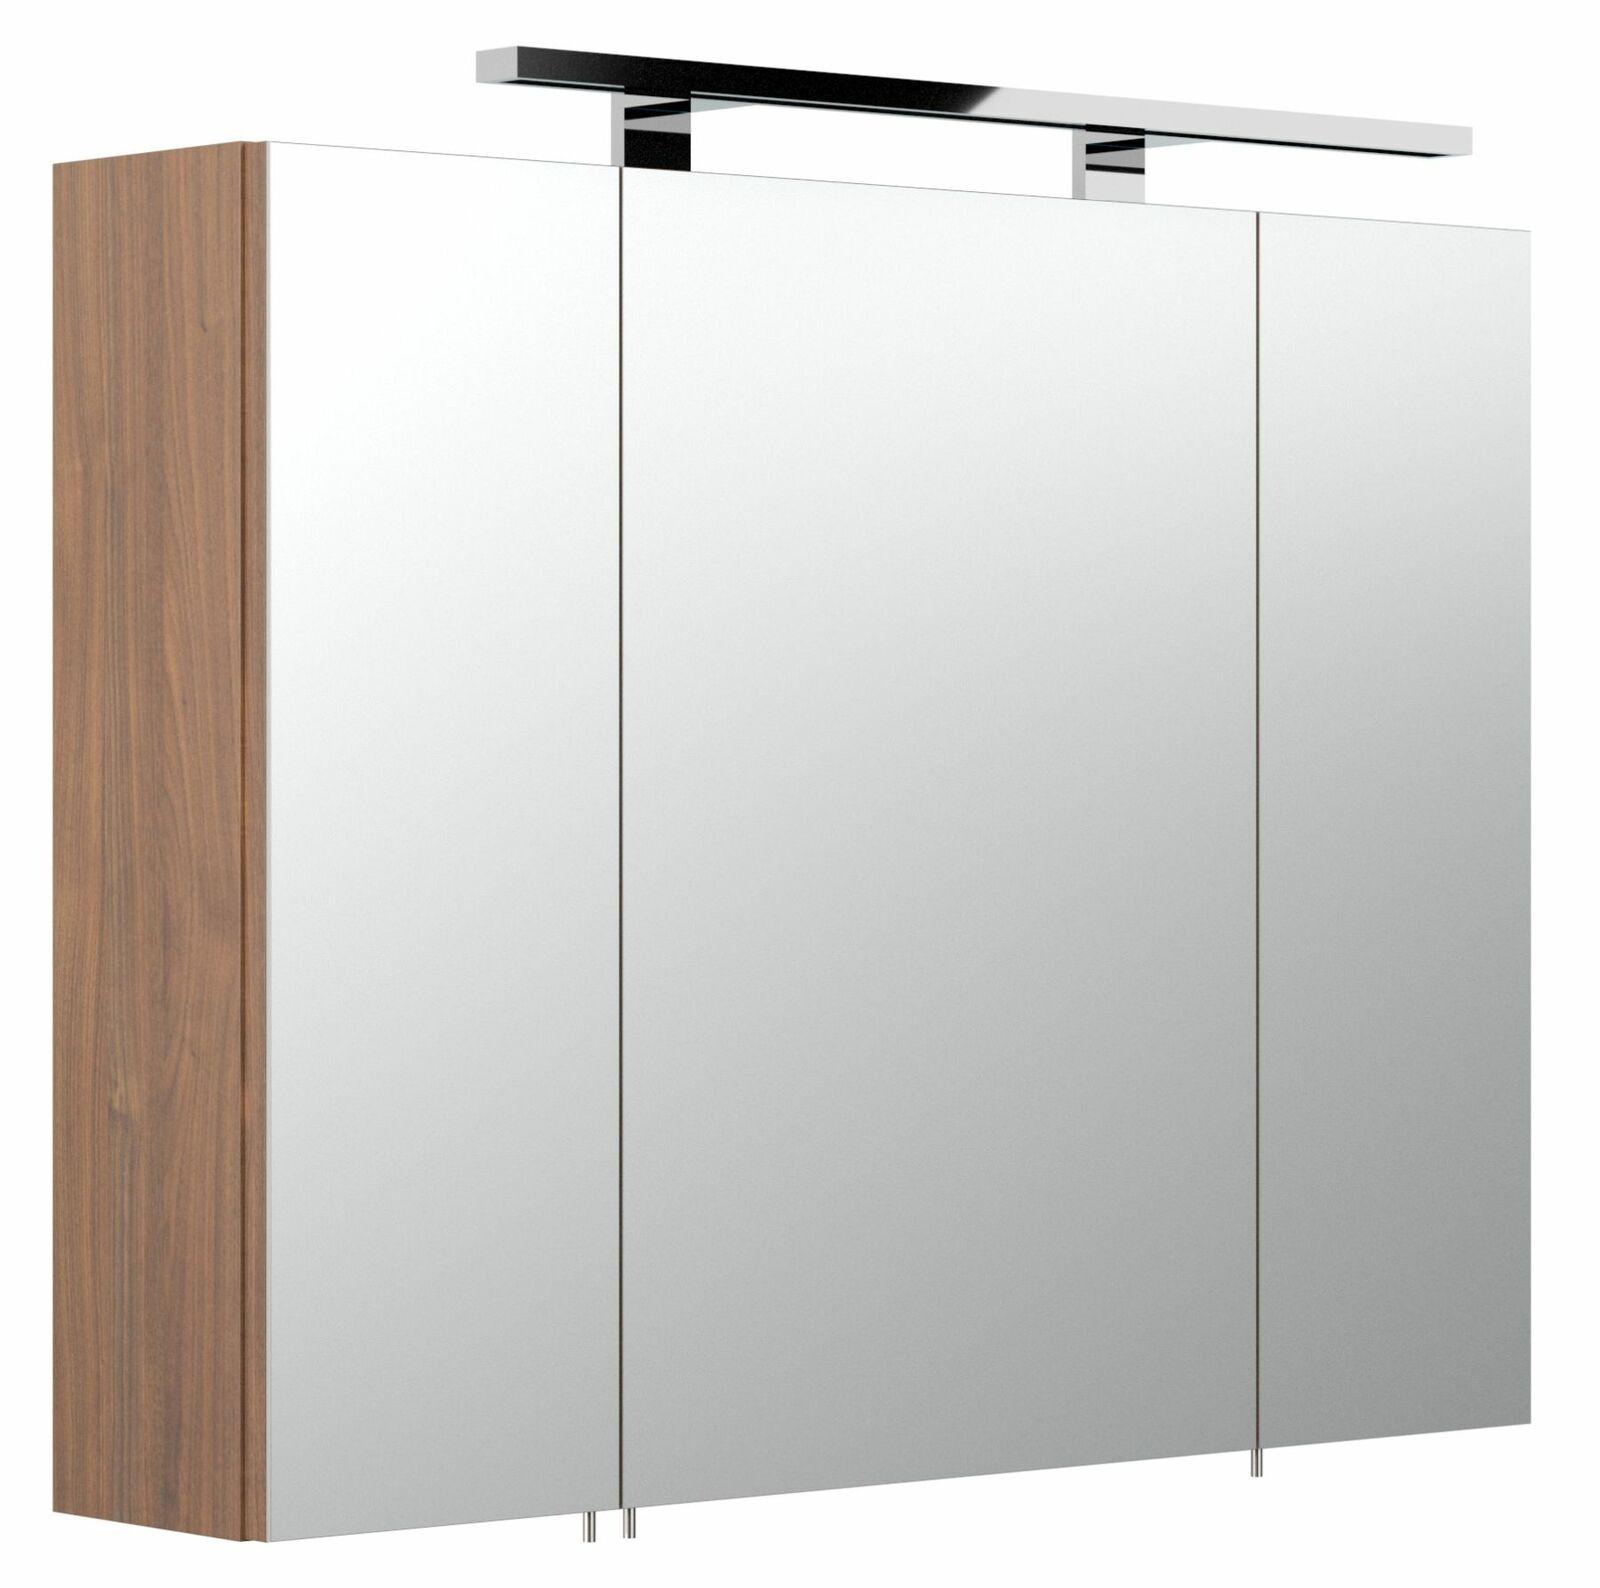 Badezimmer Spiegelschrank 20 cm beleuchtet Wandspiegel LED ...